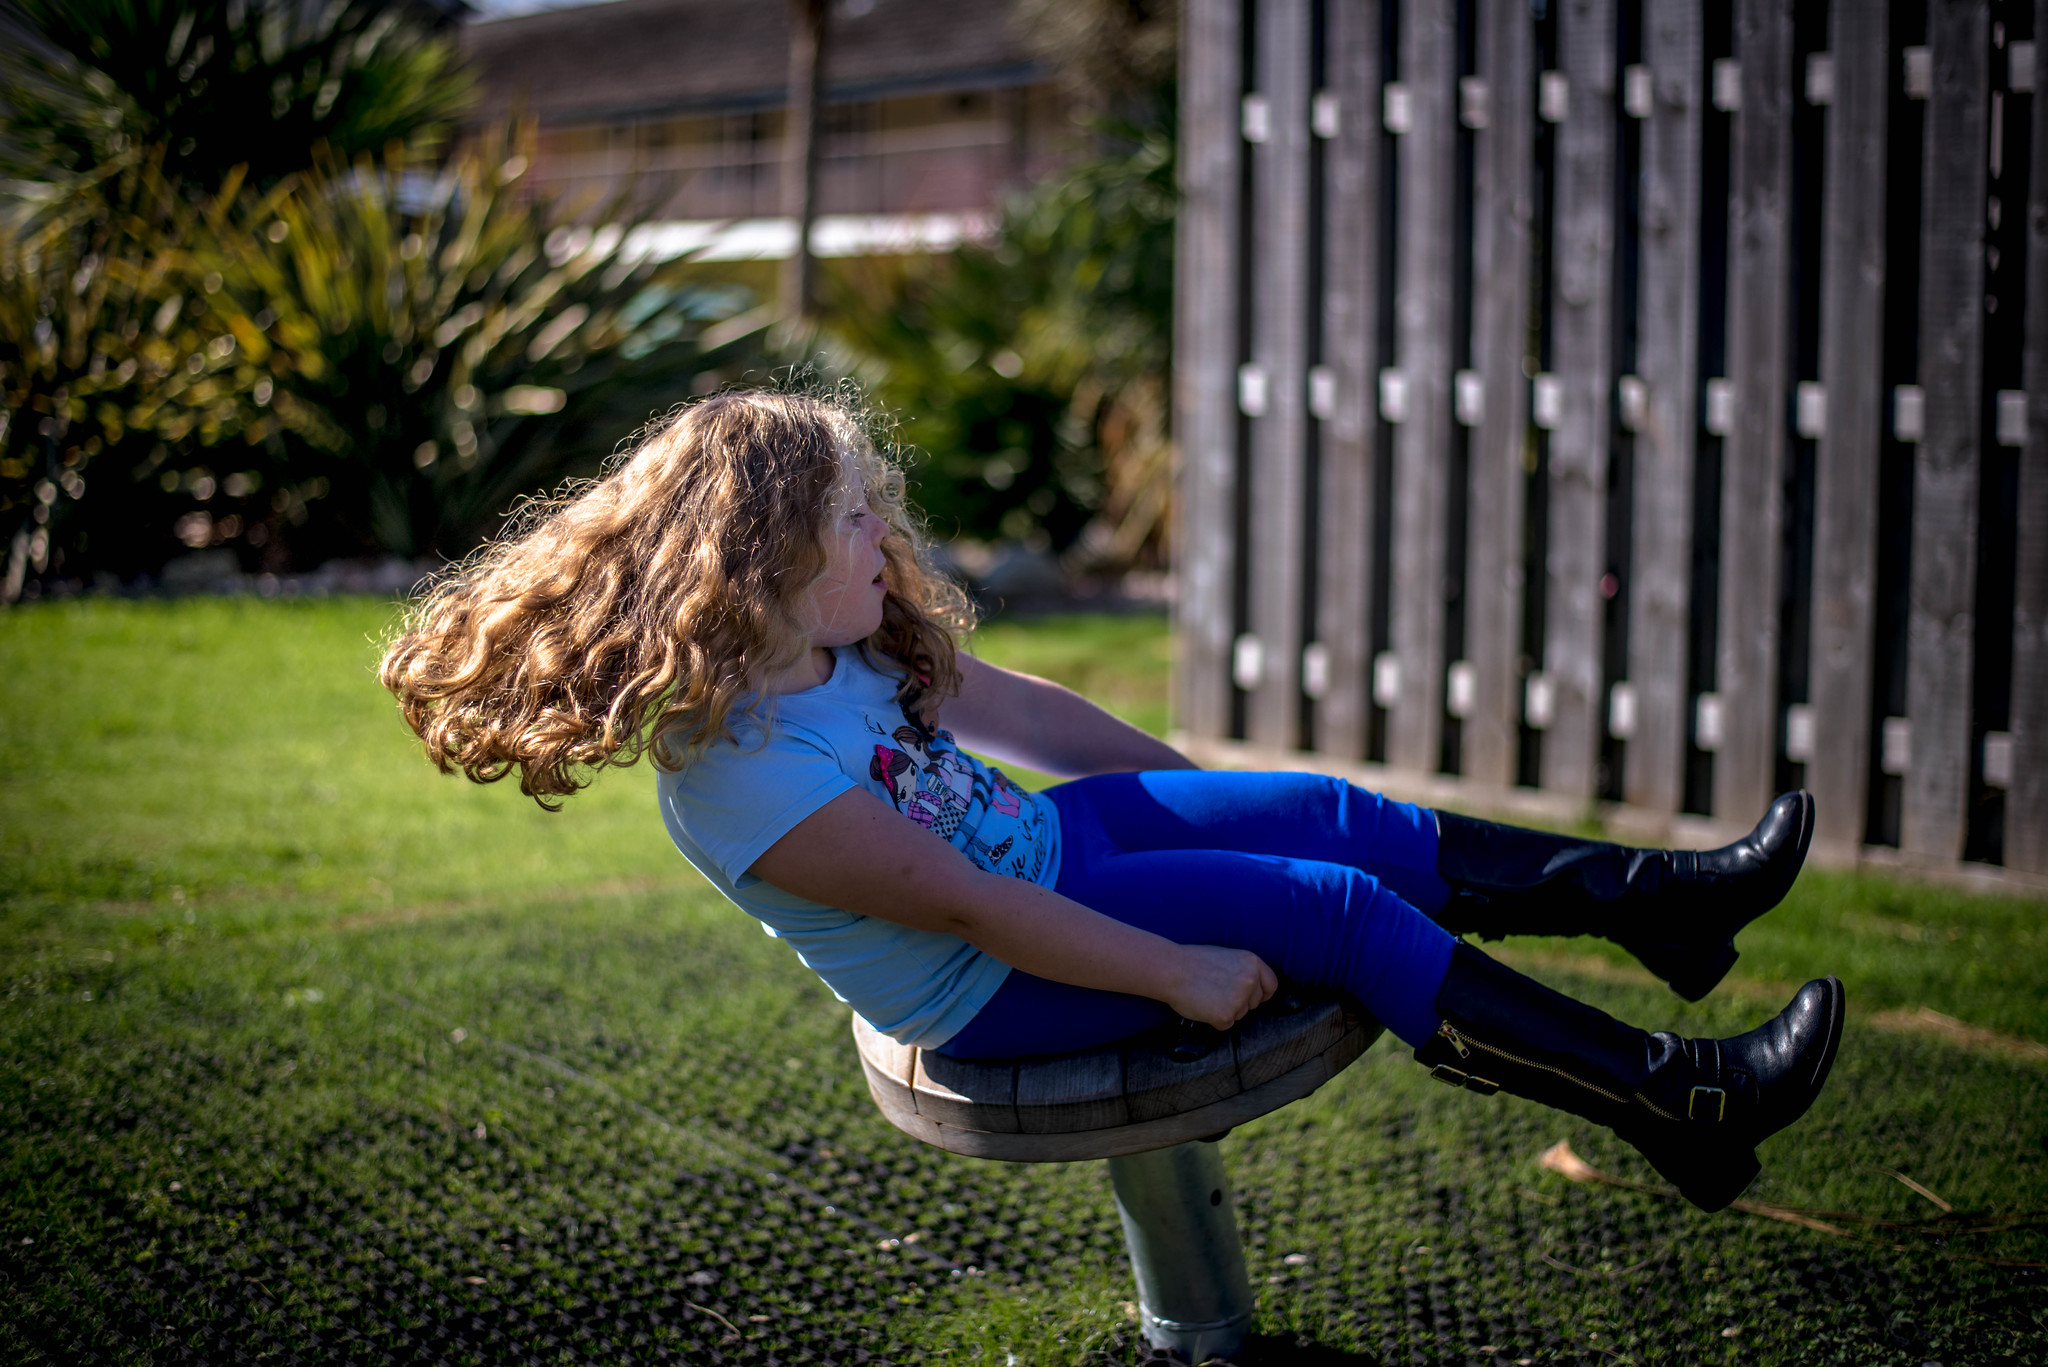 Chloe In The Park